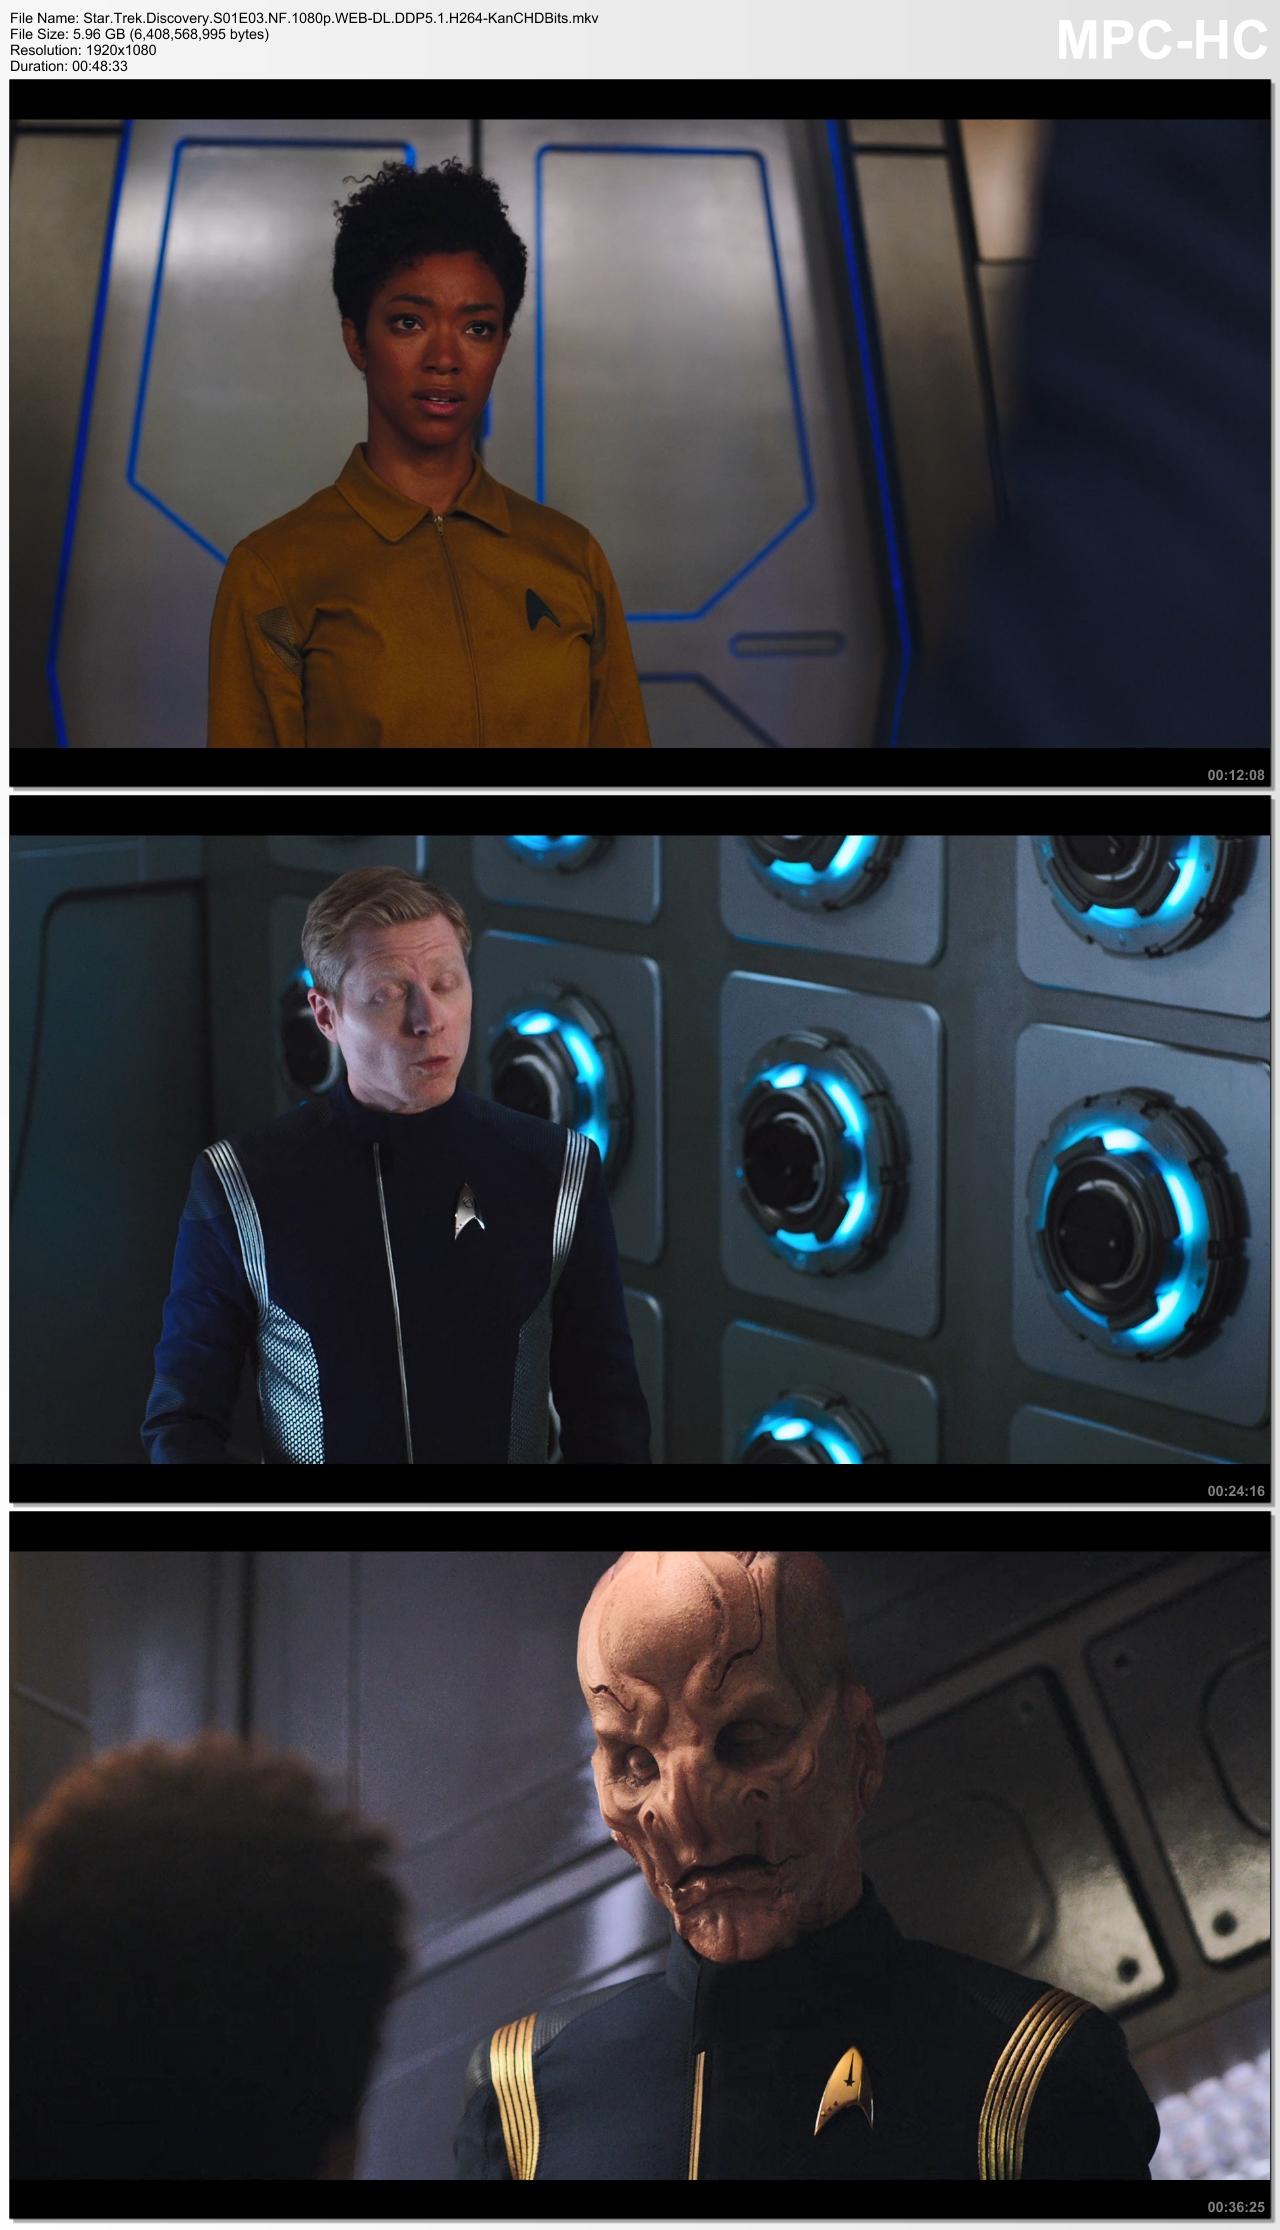 Star Trek Hành Trình Khám Phá - Star Trek Discovery S01- S03 2017-2020 1080p WEB-DL DDP5.1 x264 screenshots